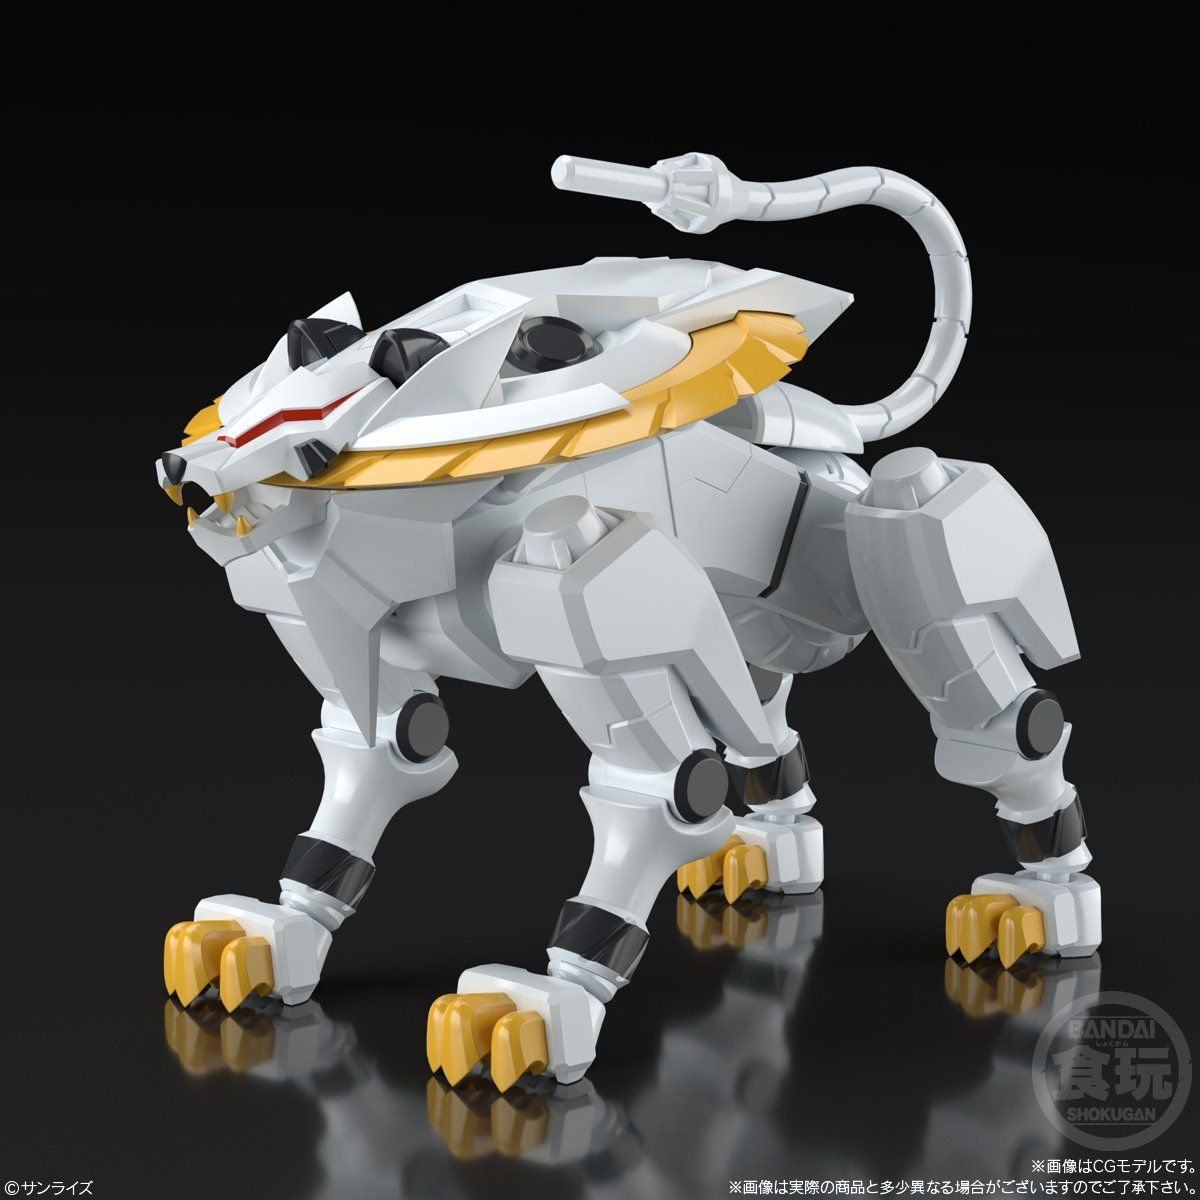 【食玩】スーパーミニプラ『電童&データウェポンセット』GEAR戦士電童 プラモデル-004